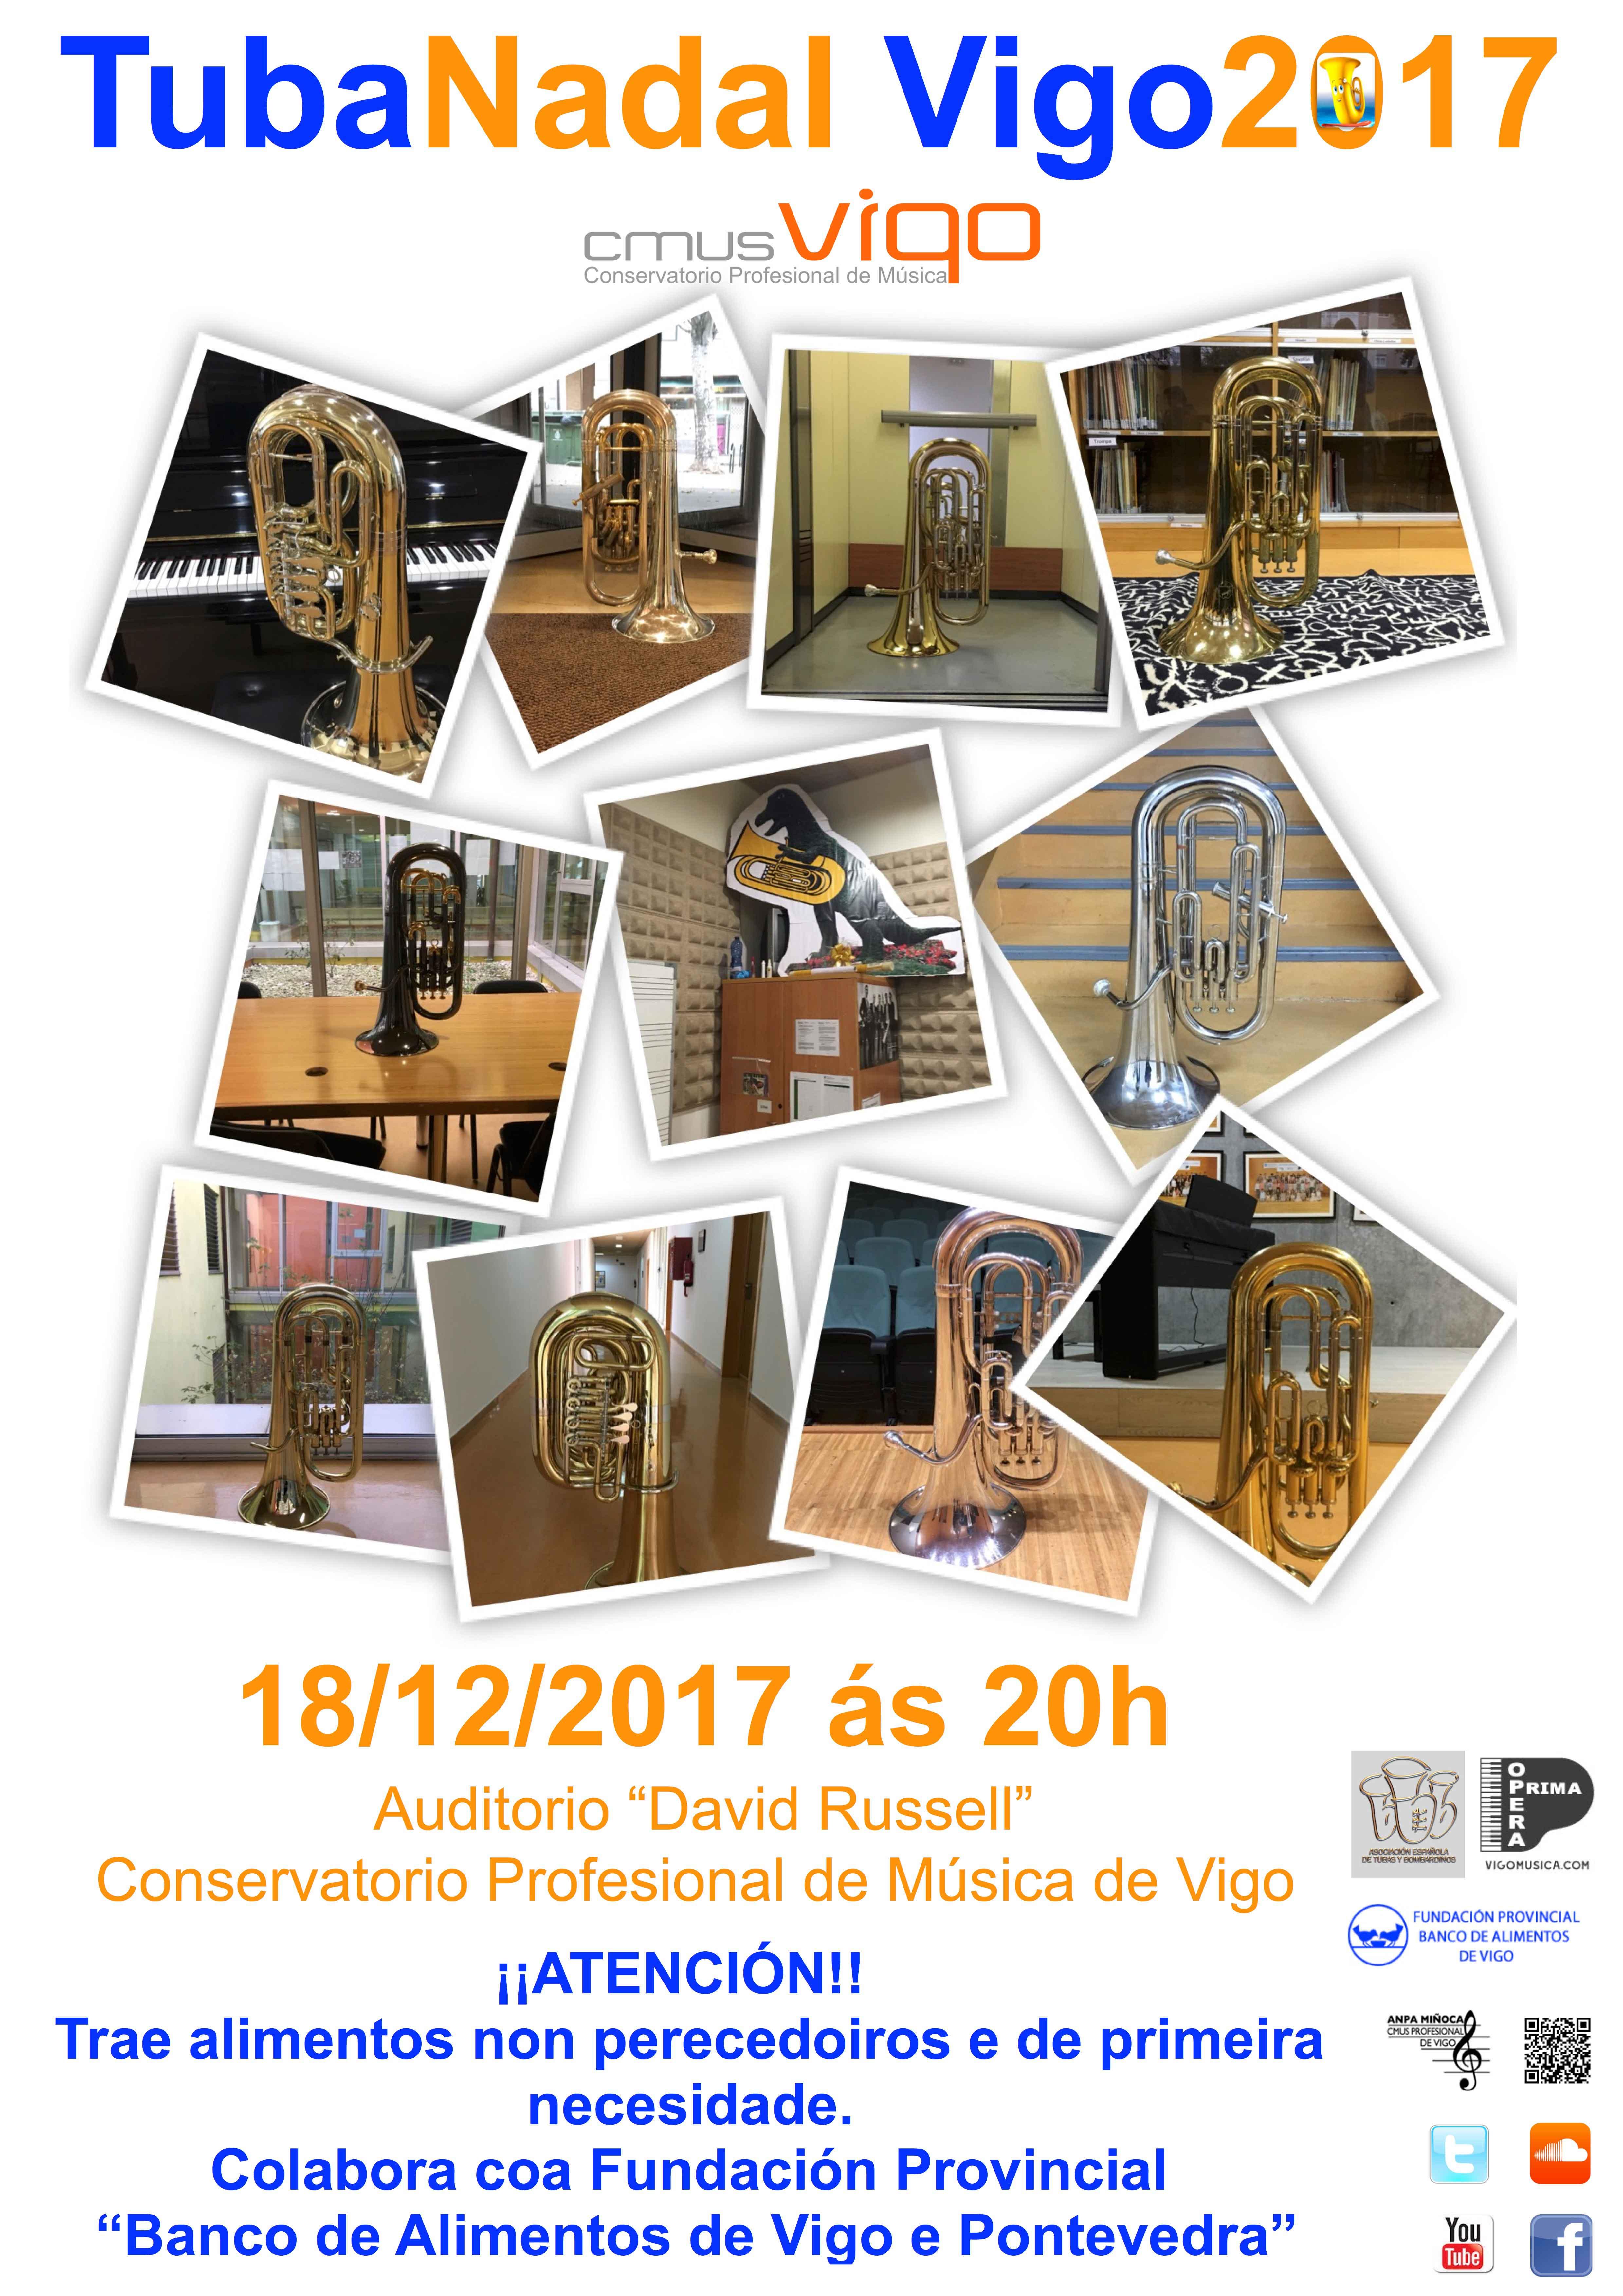 TubaNadalVigo 2017 CMUS P VIGO